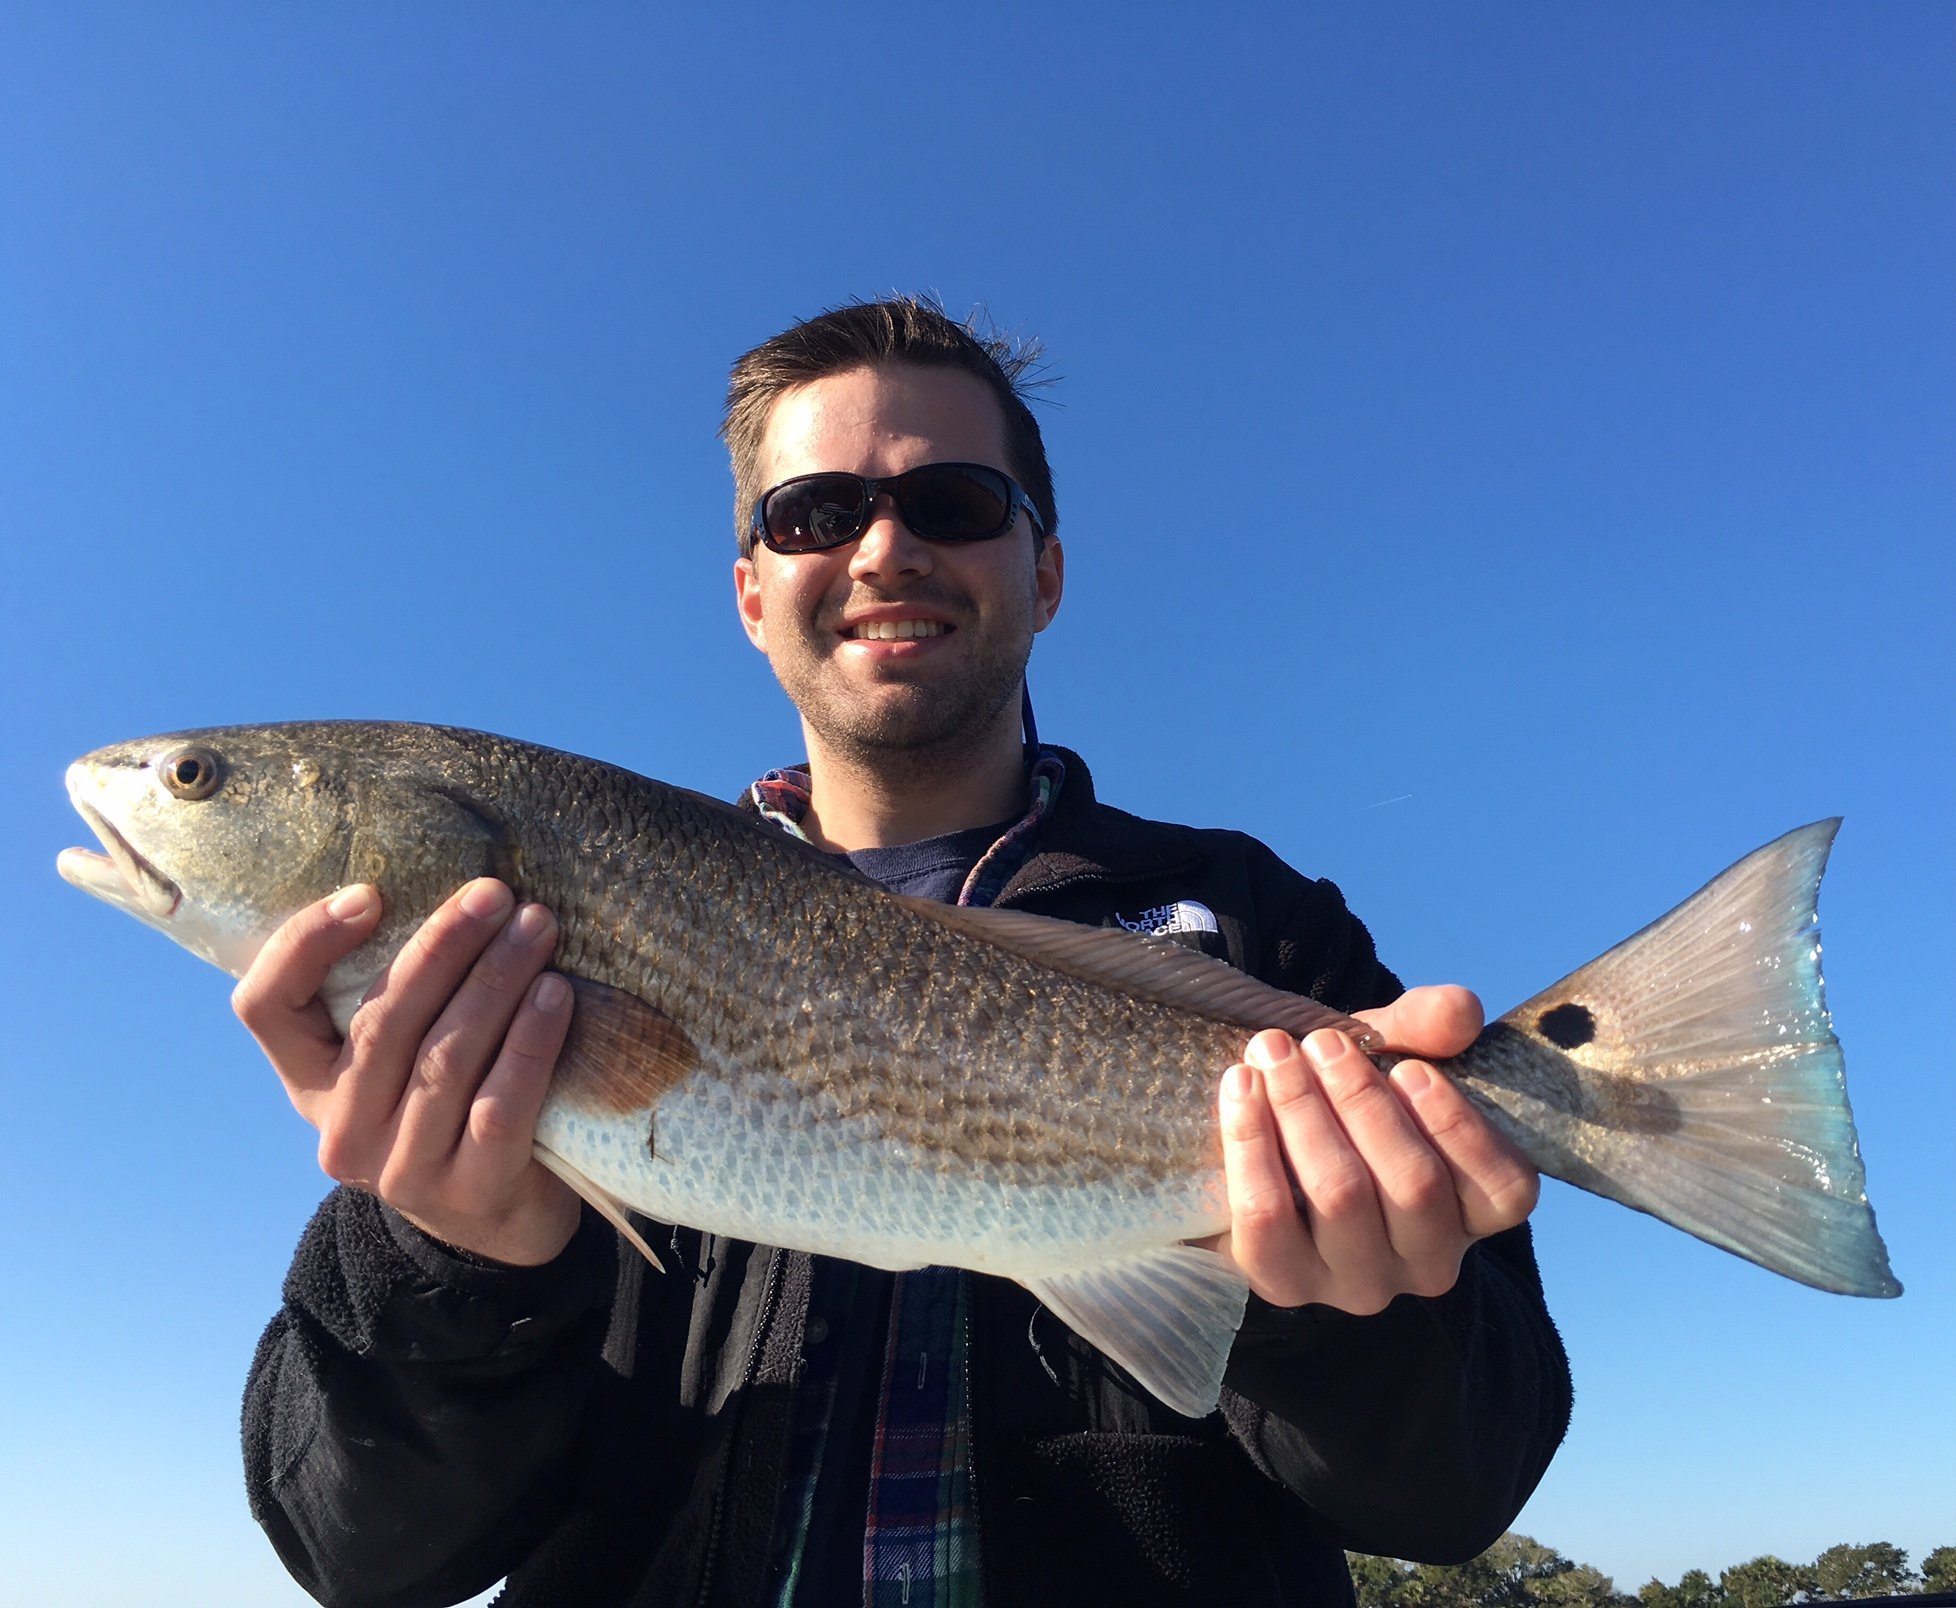 Jacksonville inshore fishing report for the week of 3 7 16 for Fishing report jacksonville fl